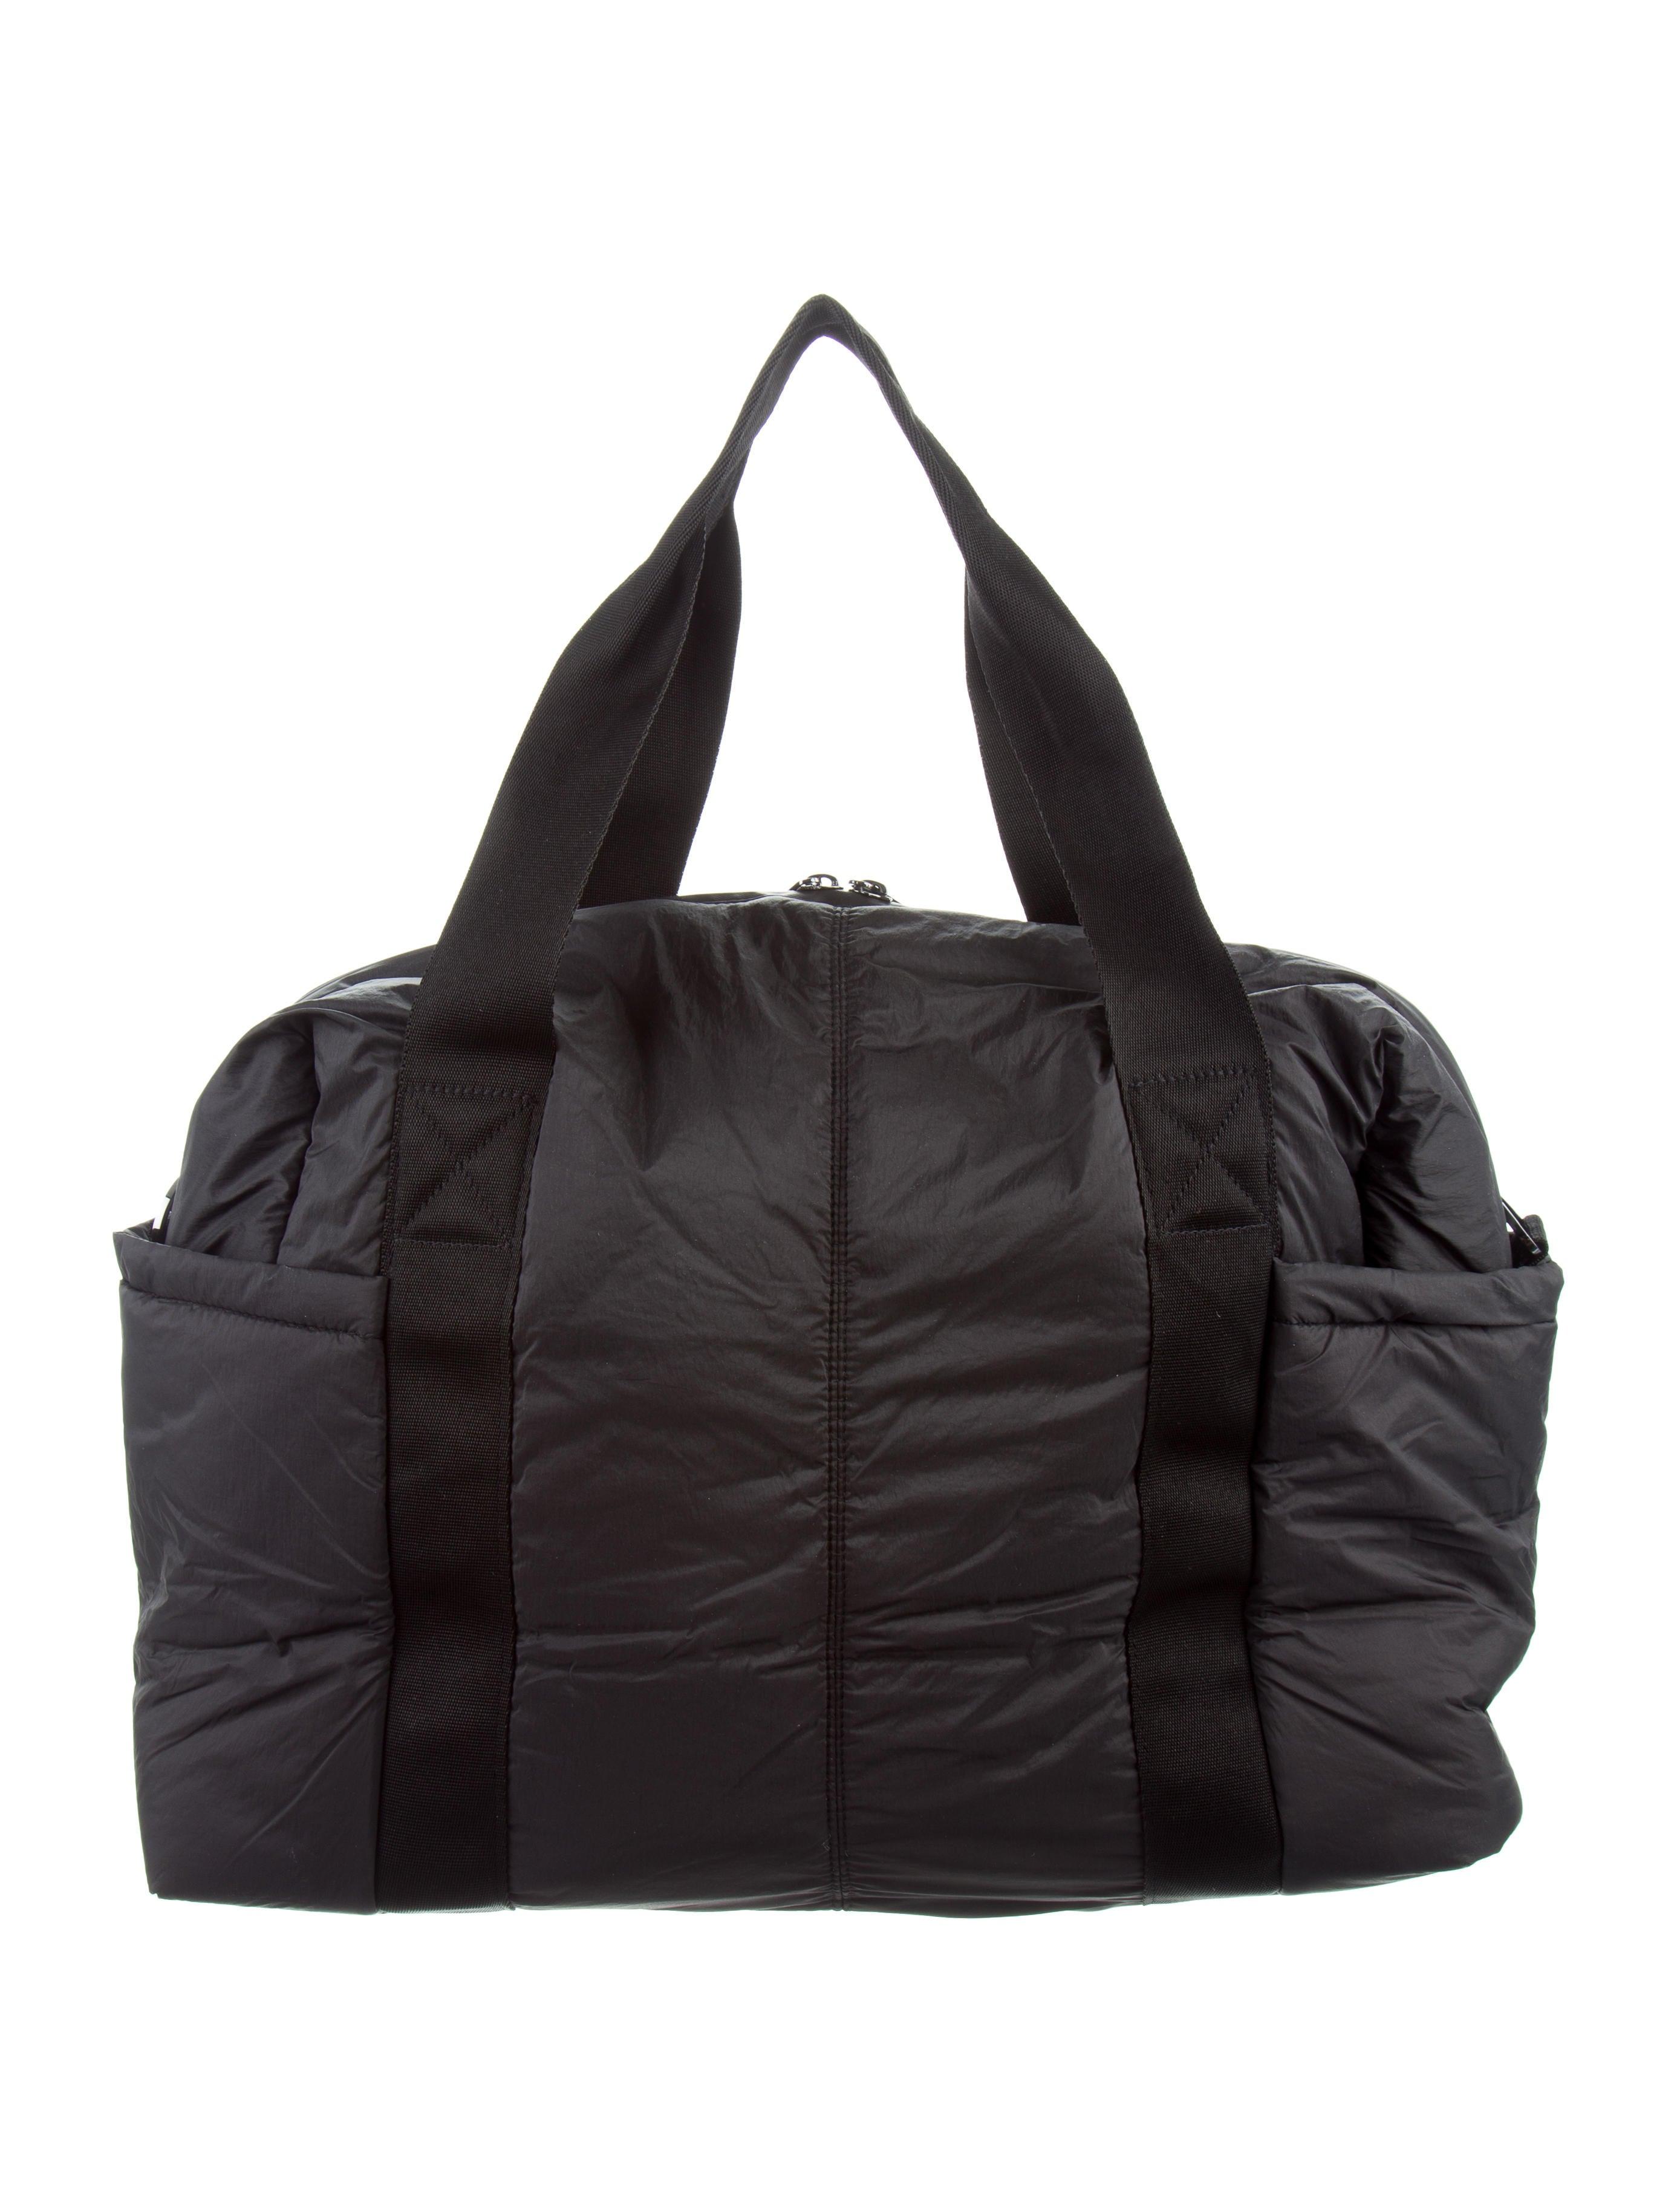 Stella mccartney for adidas shipshape bag handbags jpg 2773x3658 Shipshape gym  mesh bags b908d19e66